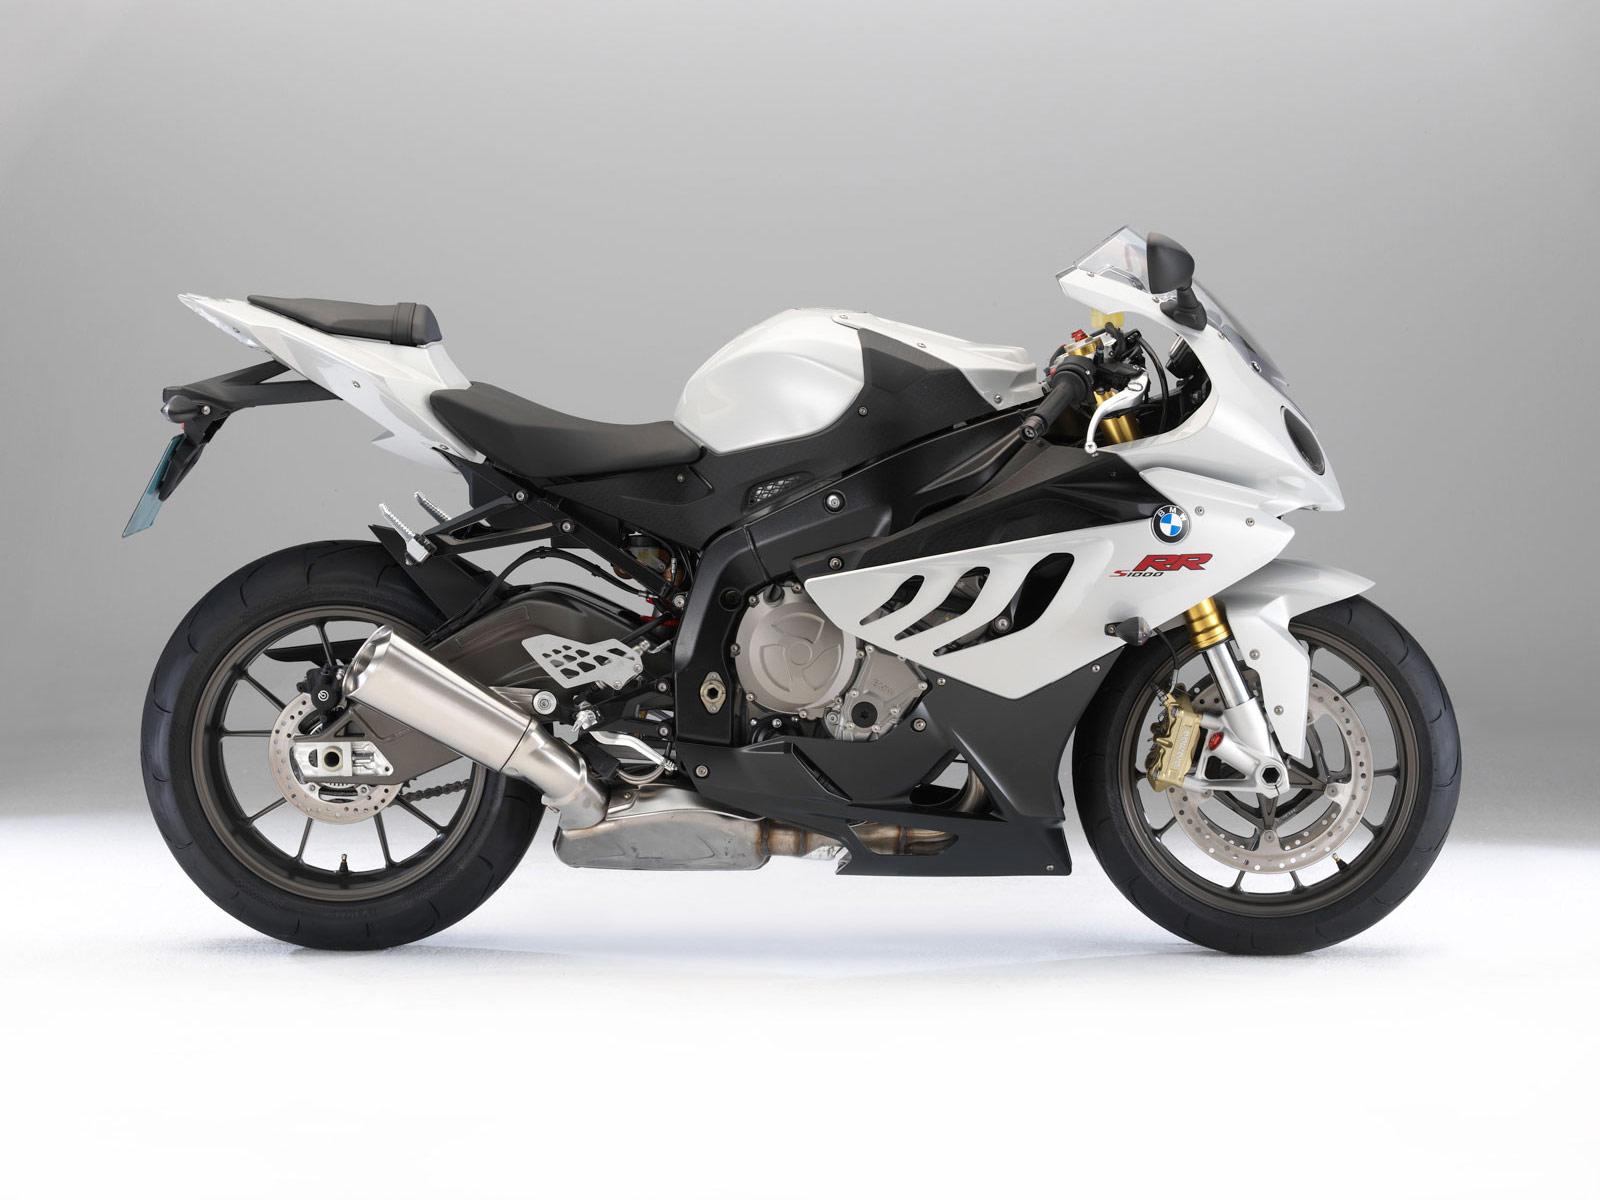 2011 BMW S1000RR Motorcycle Desktop Wallpapers 1600x1200